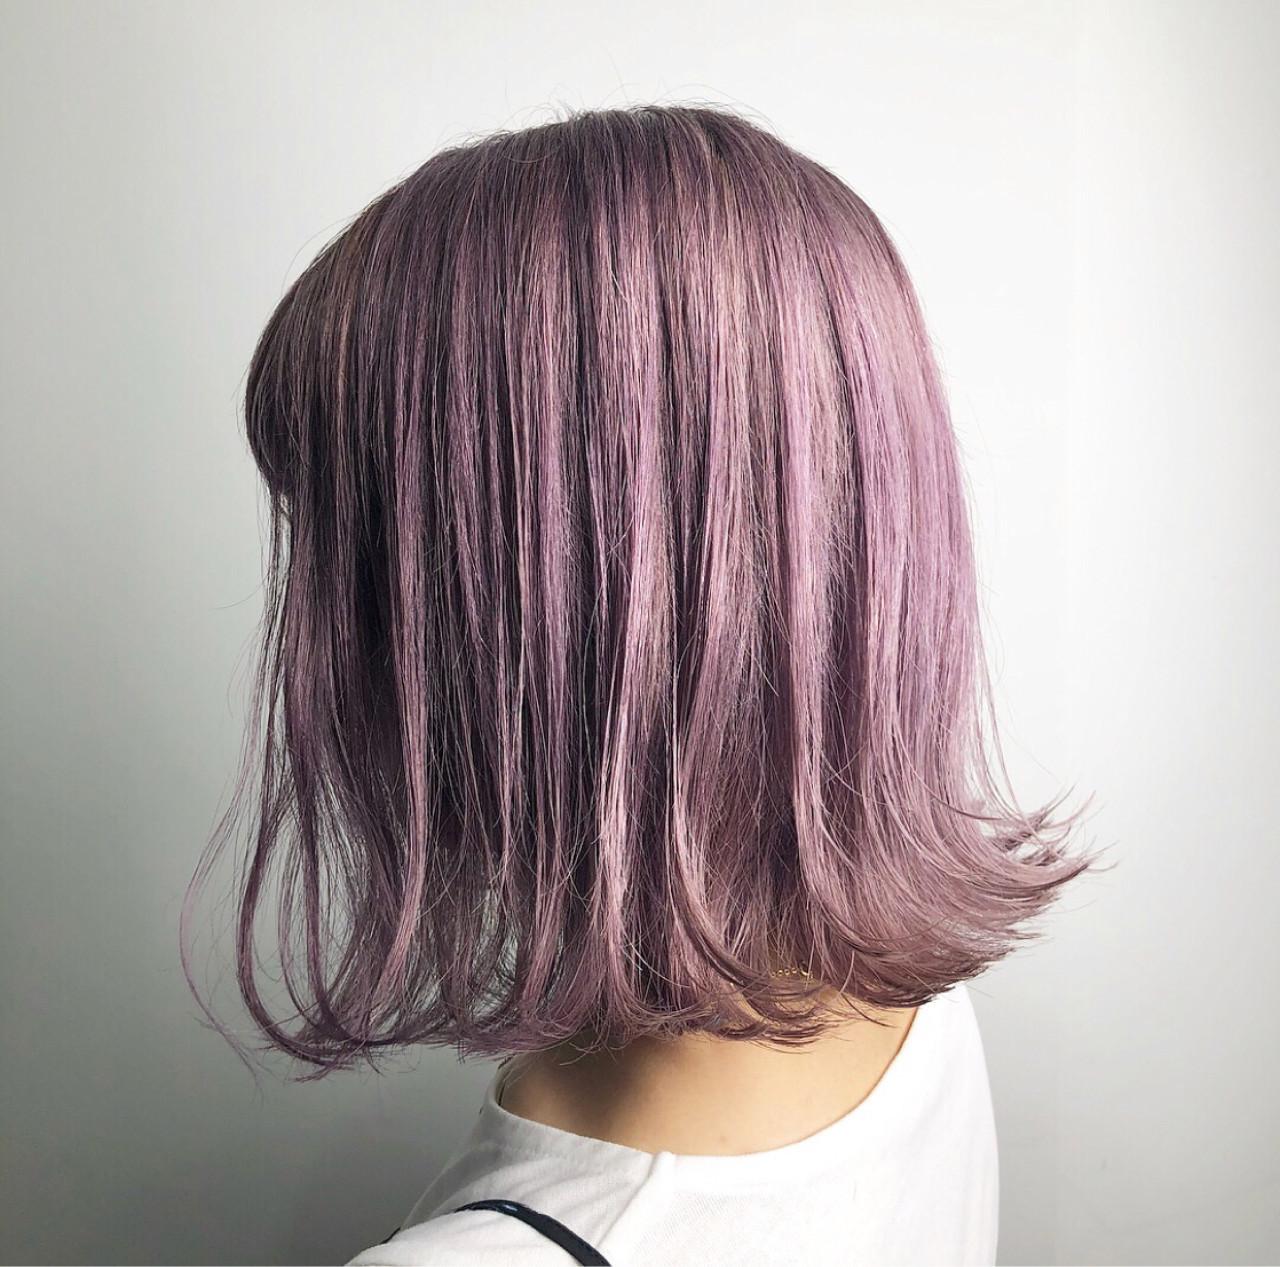 ラベンダーアッシュ ラベンダーピンク ストリート 外国人風カラー ヘアスタイルや髪型の写真・画像